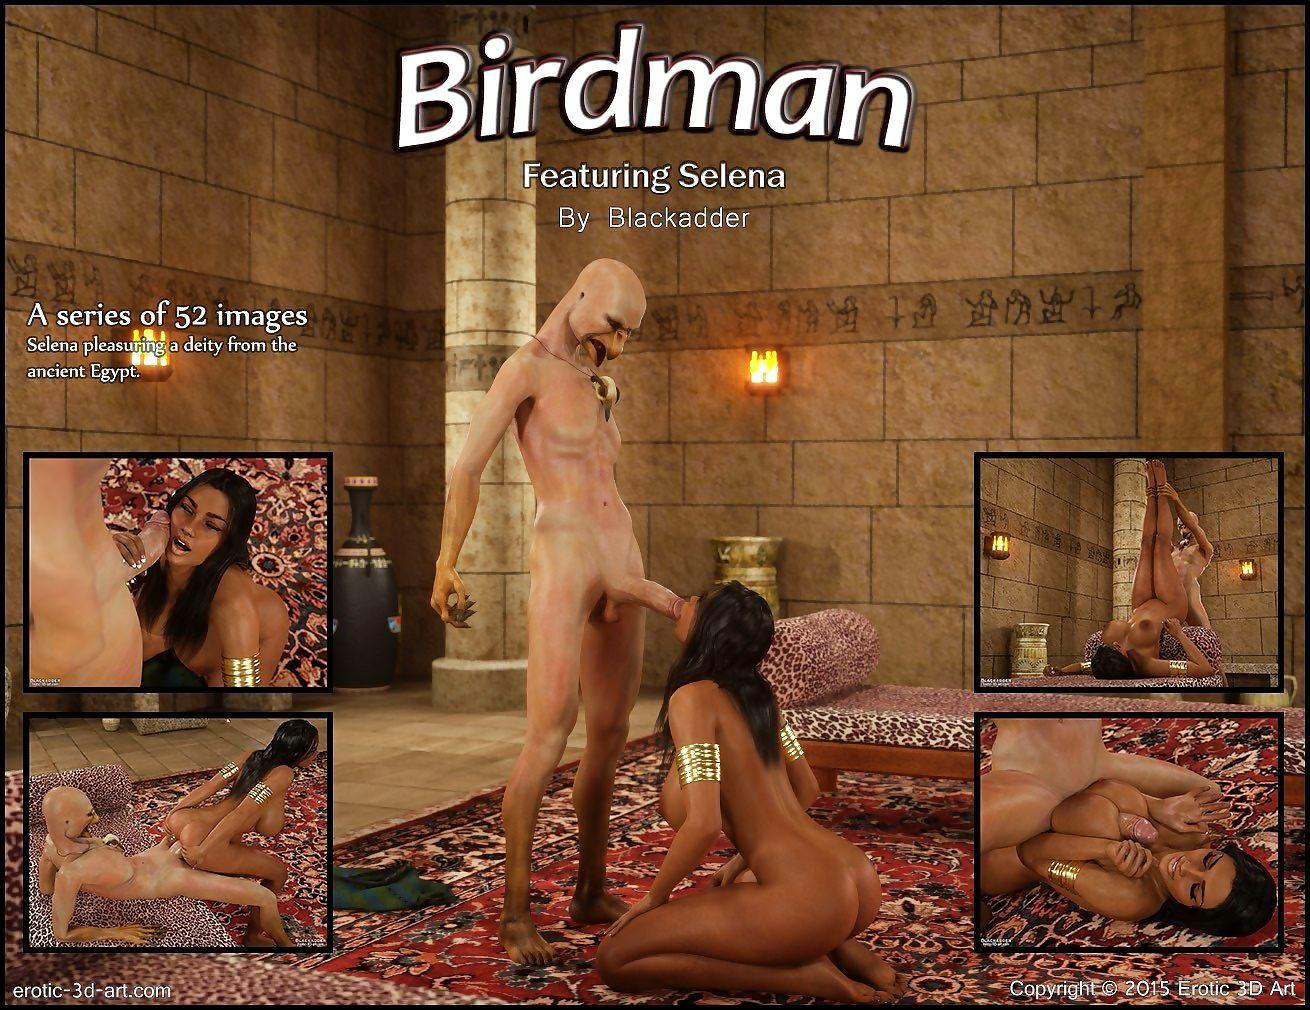 Blackadder- Birdman